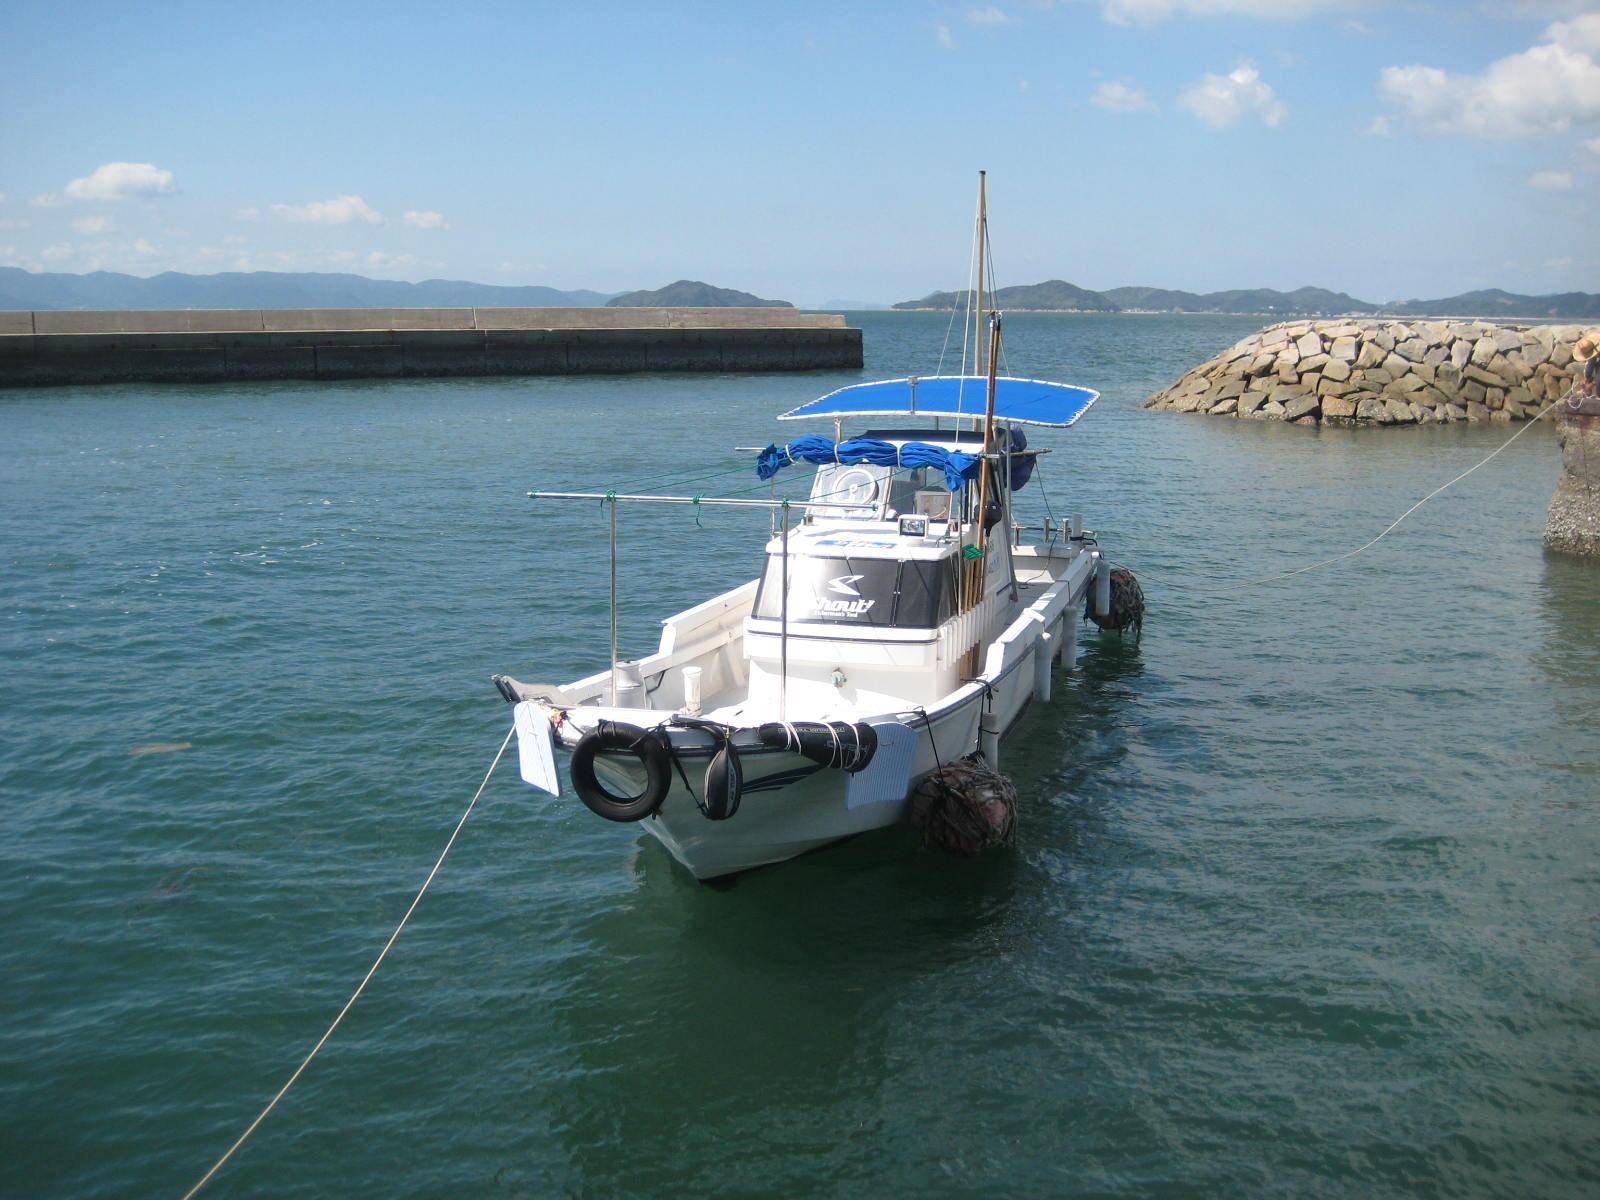 田尾さんの船